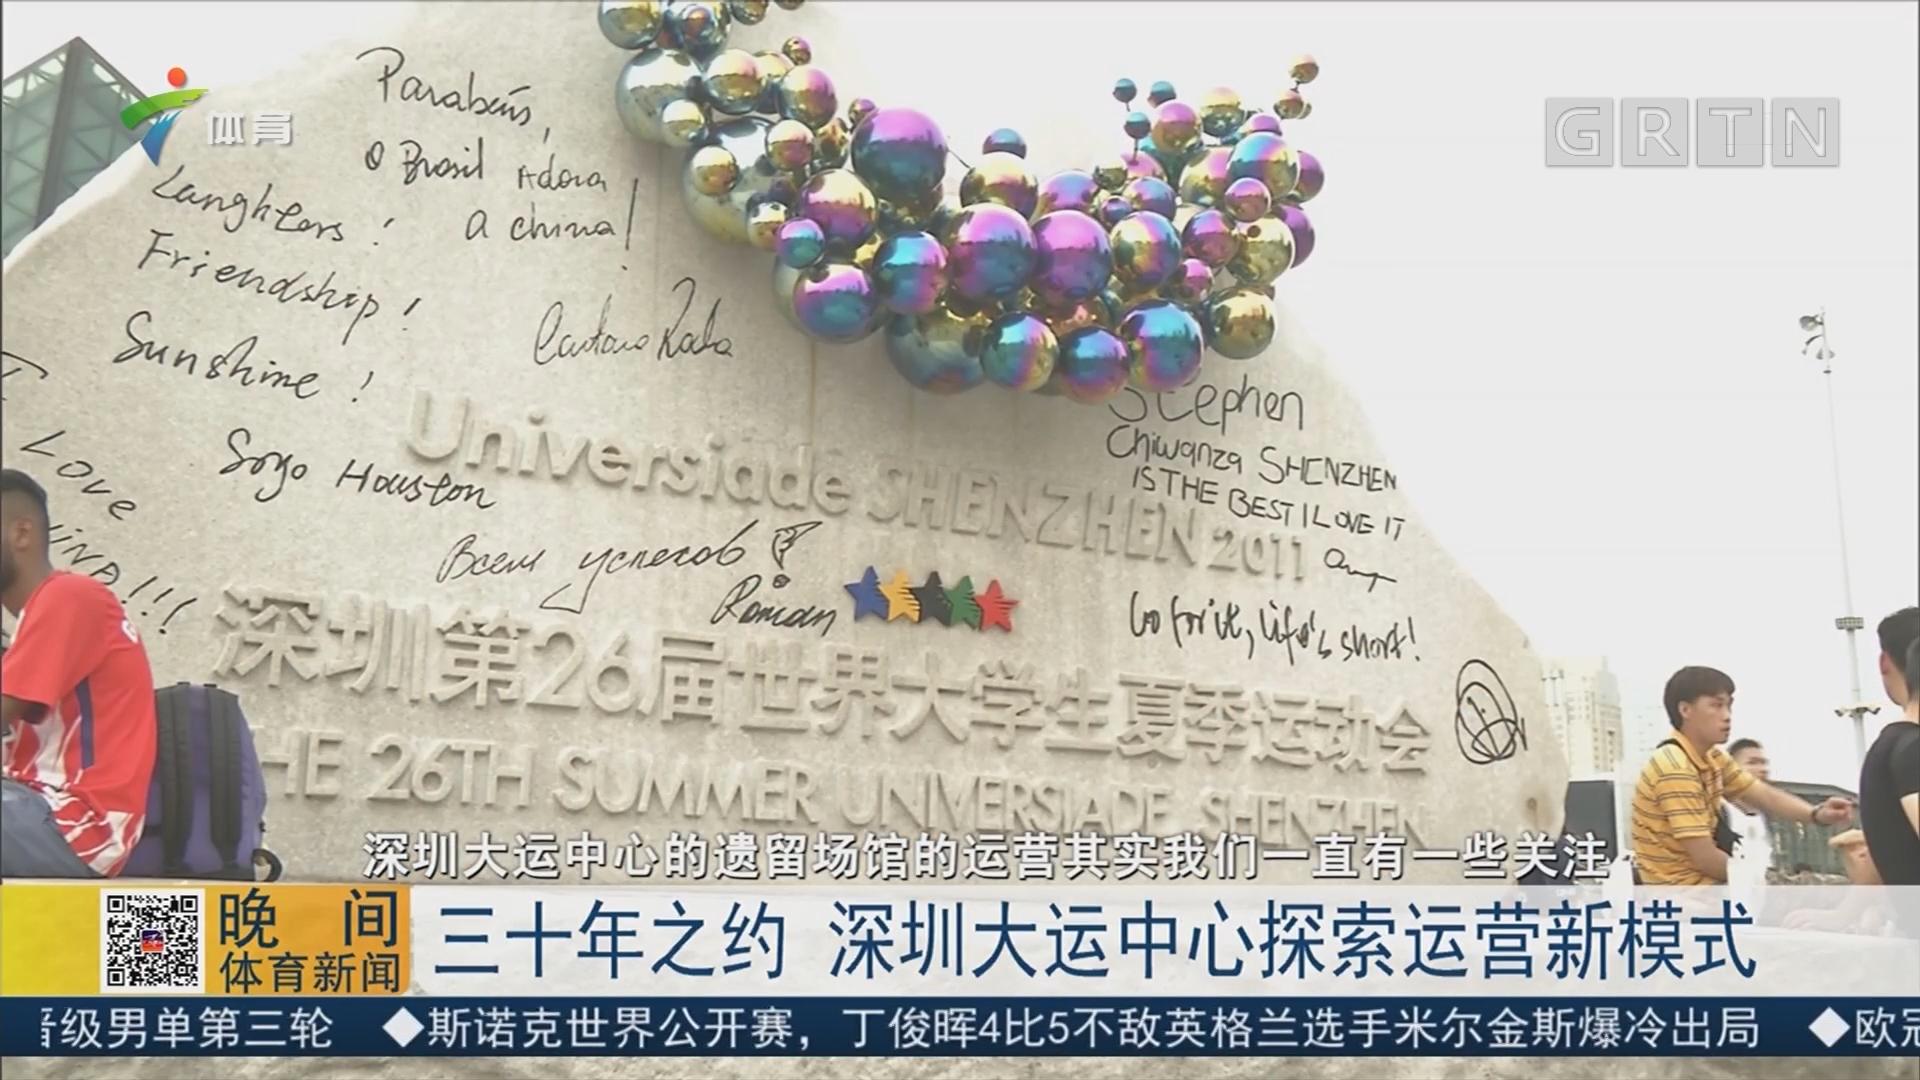 三十年之约 深圳大运中心探索运营新模式